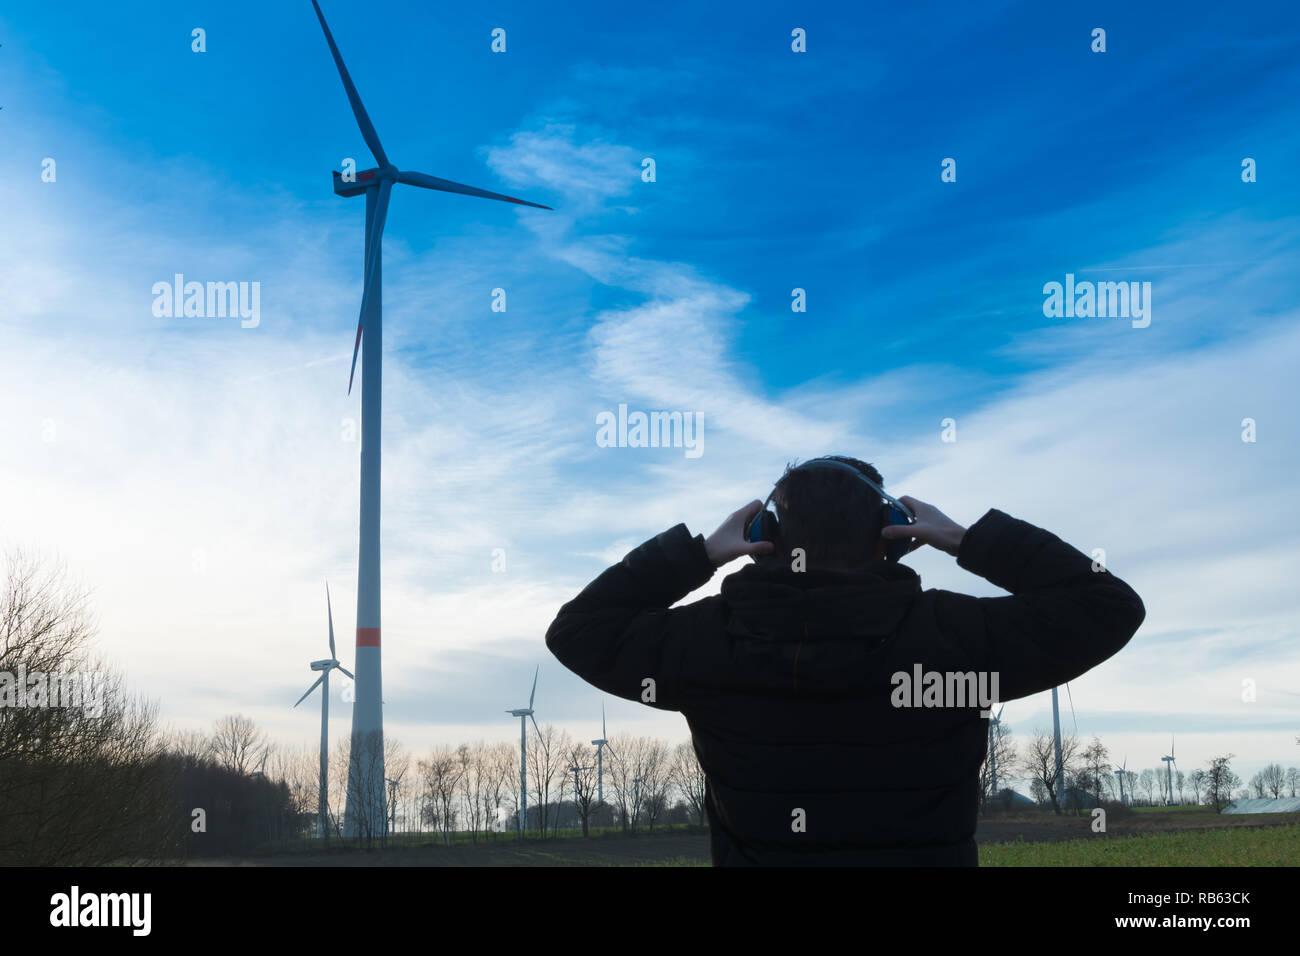 Uomo di fronte una fattoria eolica utilizza la protezione del rumore per ridurre il rumore della turbina eolica Immagini Stock